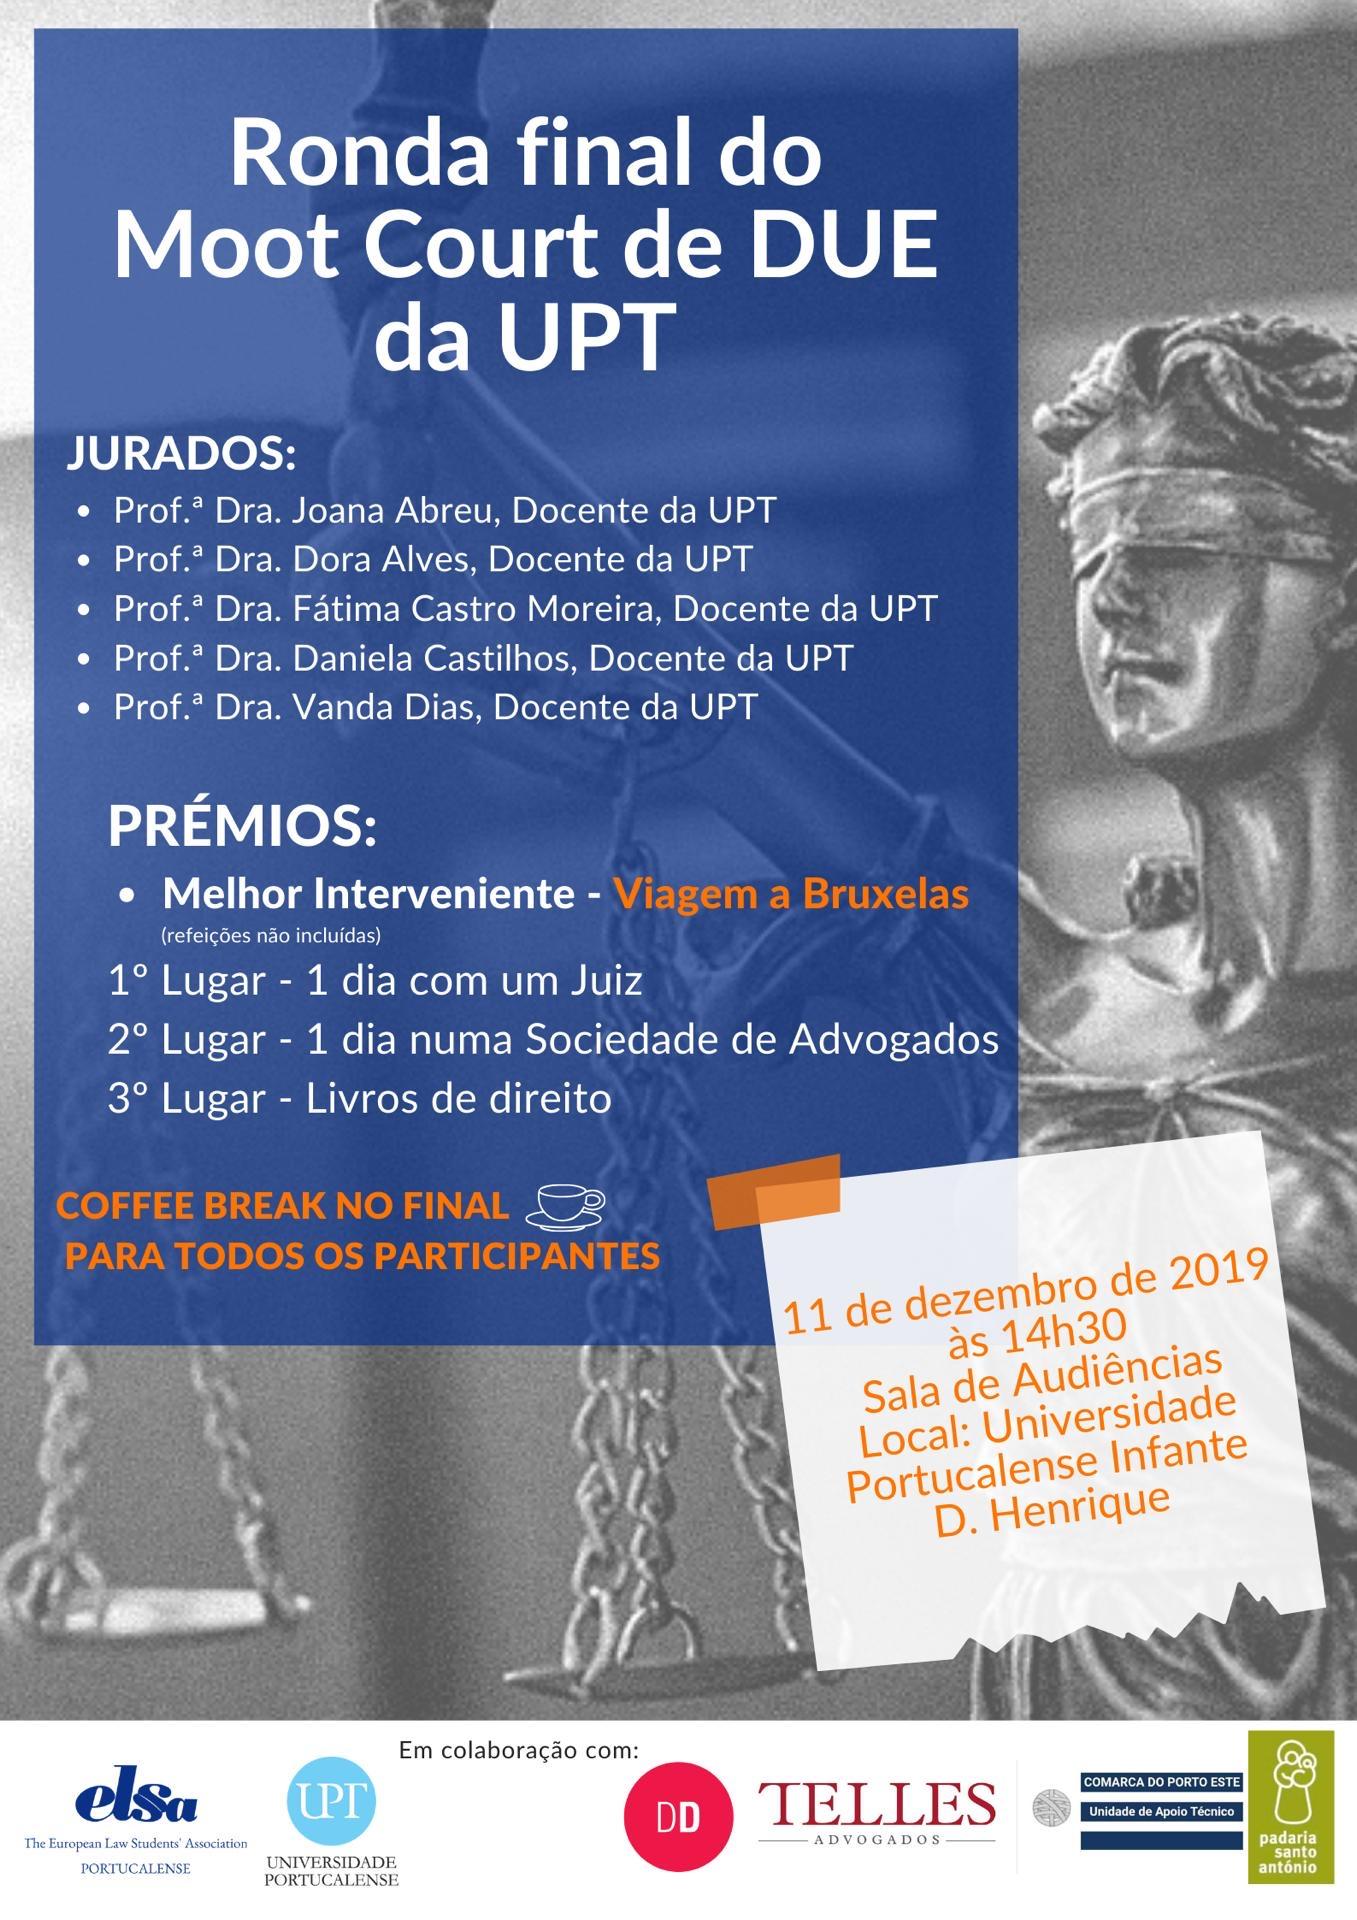 Ronda final de MOOT Court de Direito da União Europeia da UPT